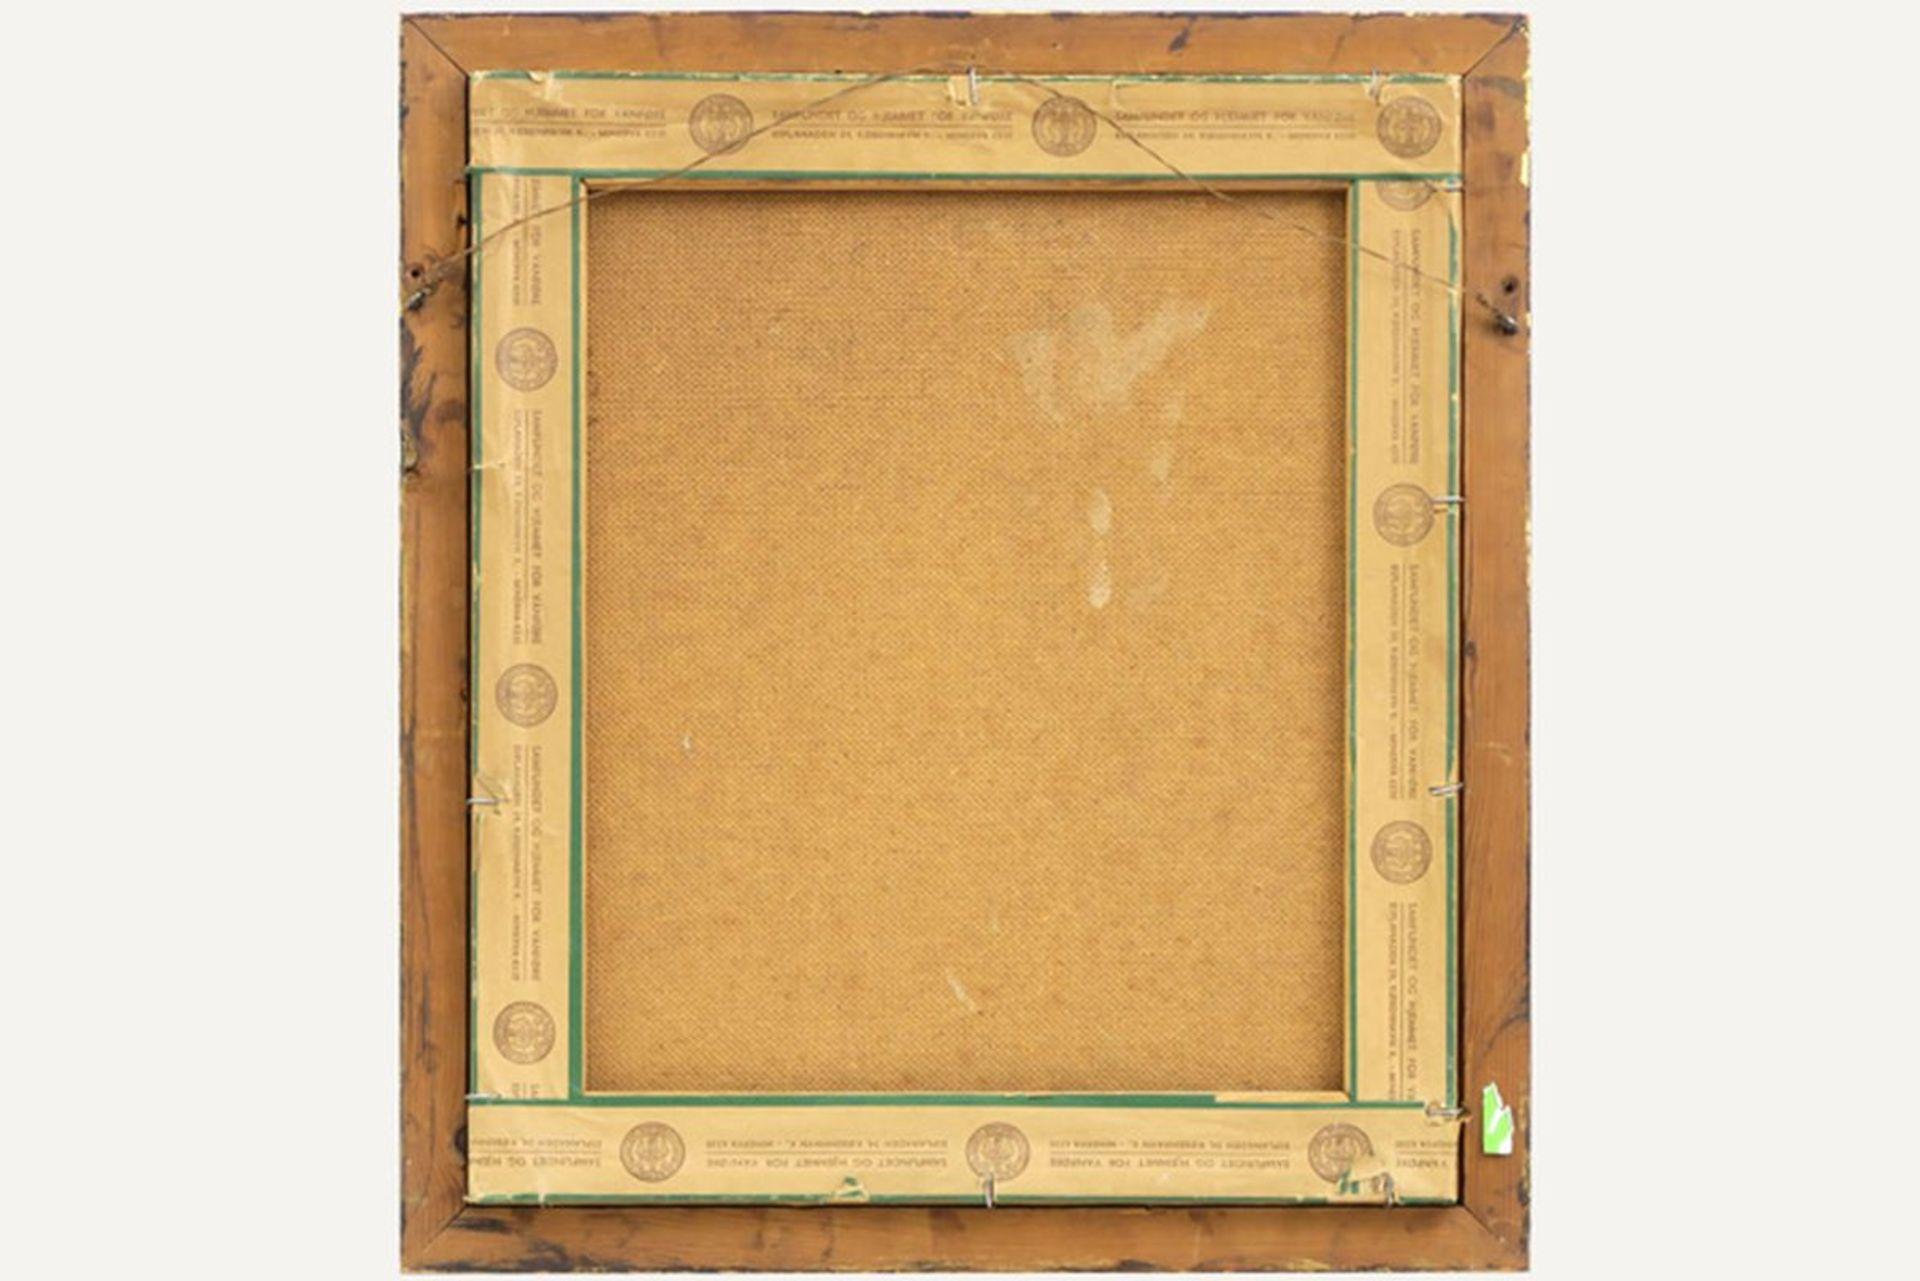 """SCHARFF WILLIAM (1886 - 1959) Deens olieverfschilderij op doek : """"Schapenkop"""" - 42 [...] - Bild 4 aus 4"""